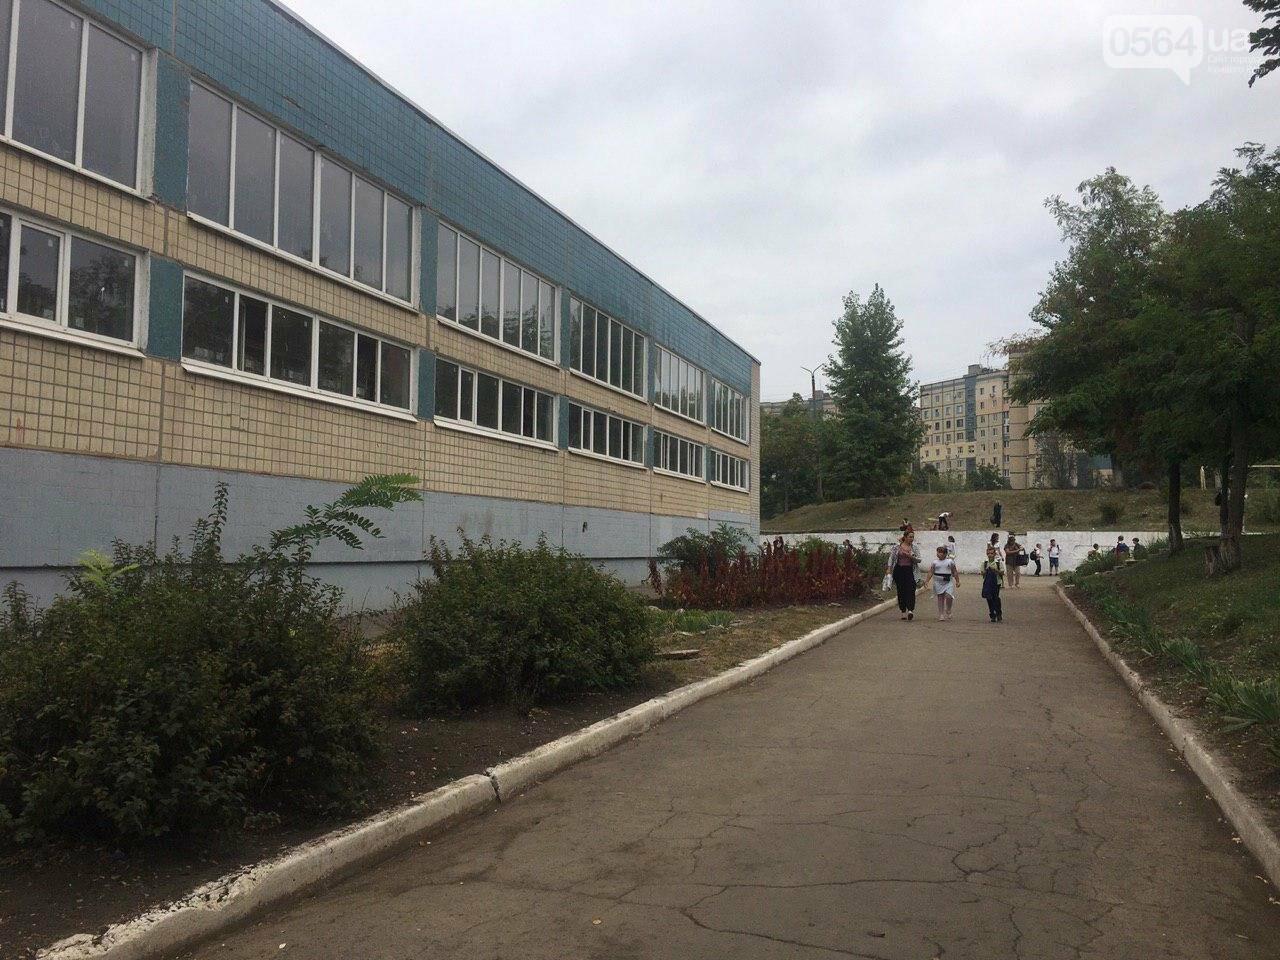 В одной из школ Кривого Рога из-за распыления неизвестного вещества срочно эвакуировали детей, - ФОТО, фото-18